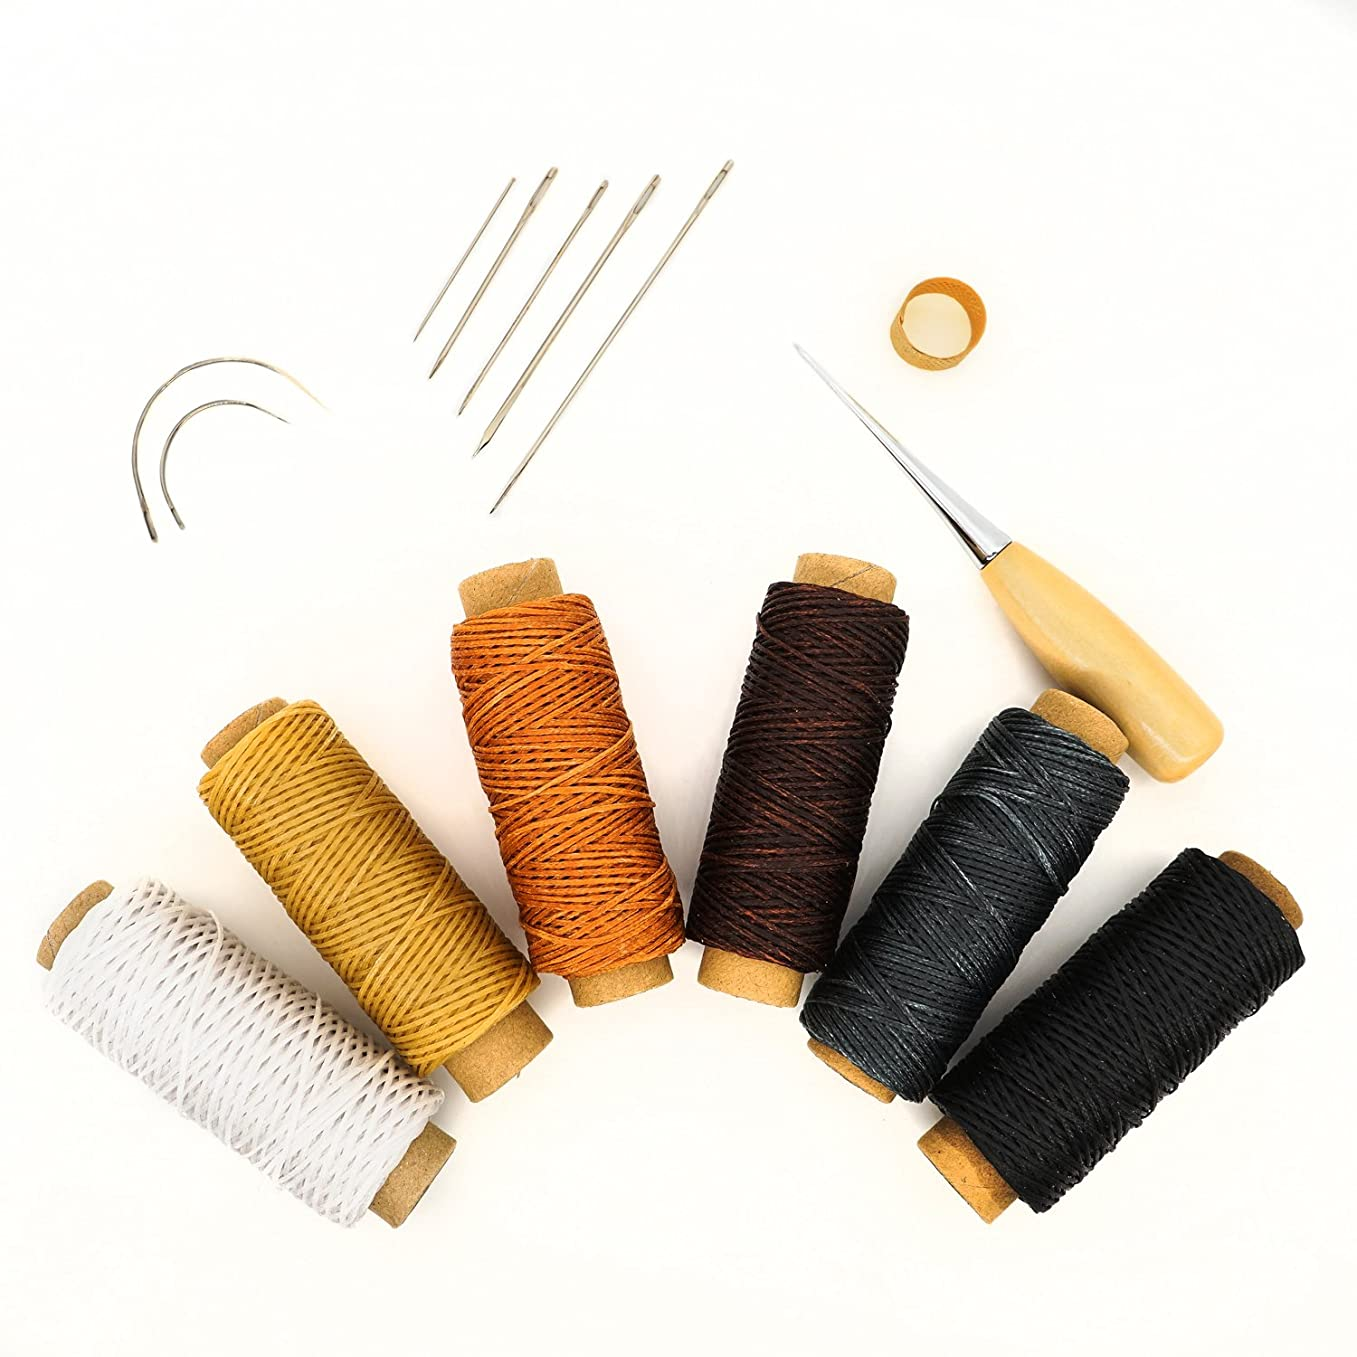 ステープルで出来ているトチの実の木クラフト社 革工具 手縫いロウビキ糸 細 白 8640-01